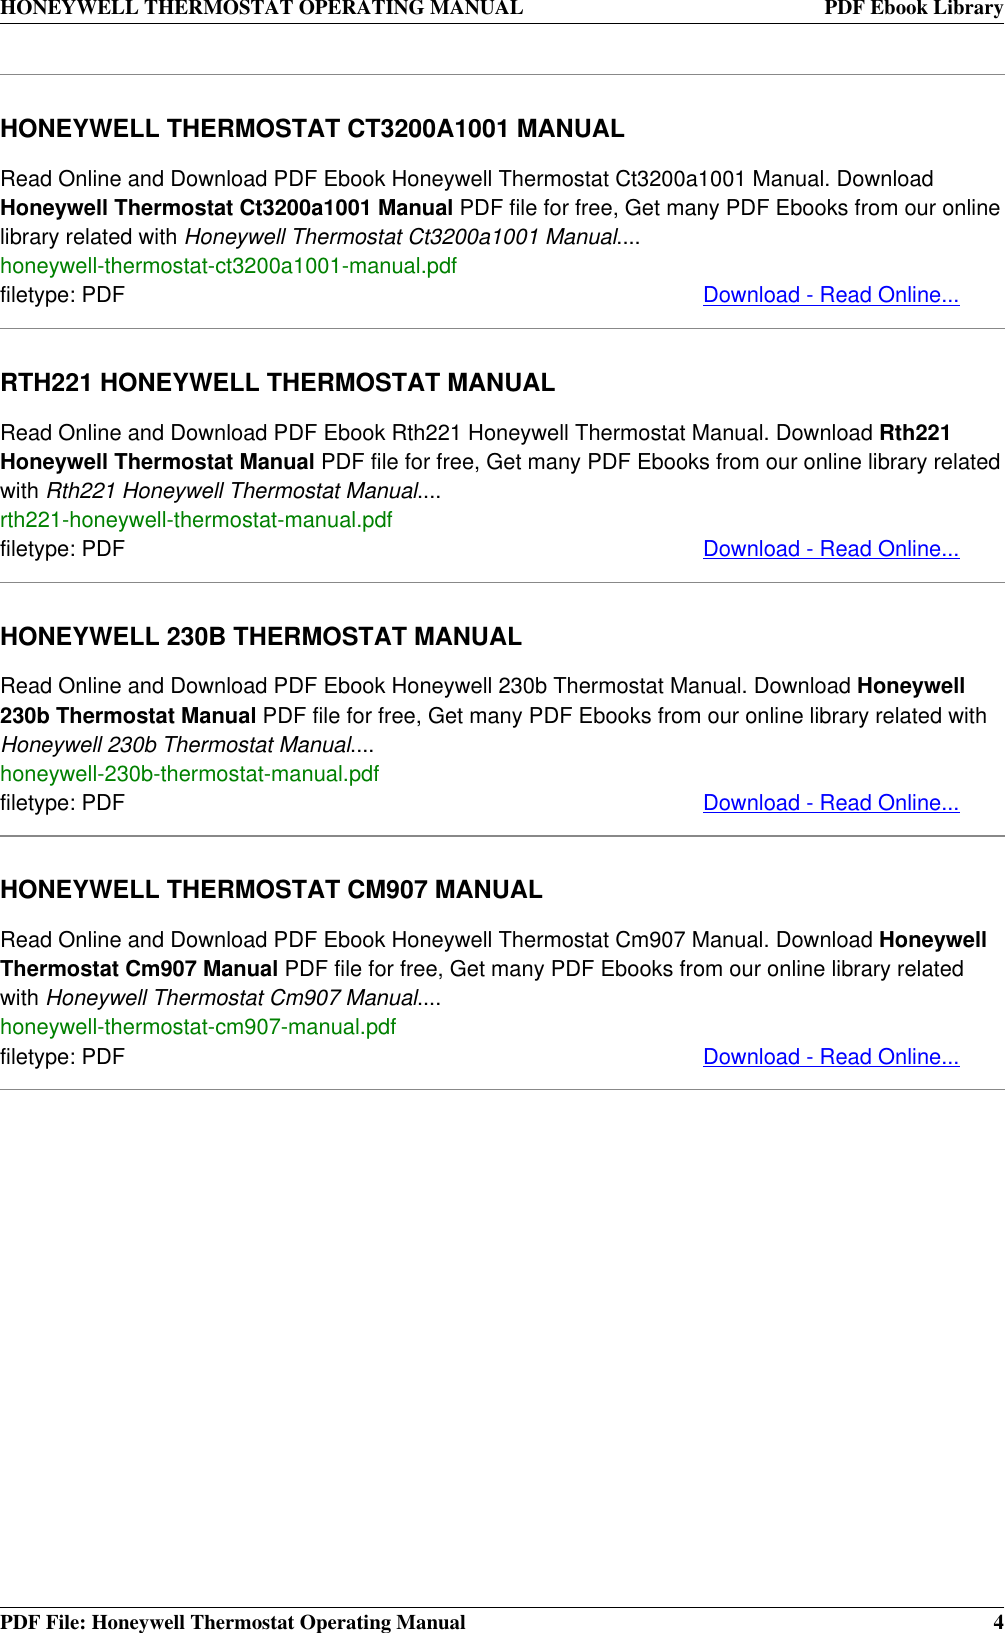 honeywell ultrastat guide